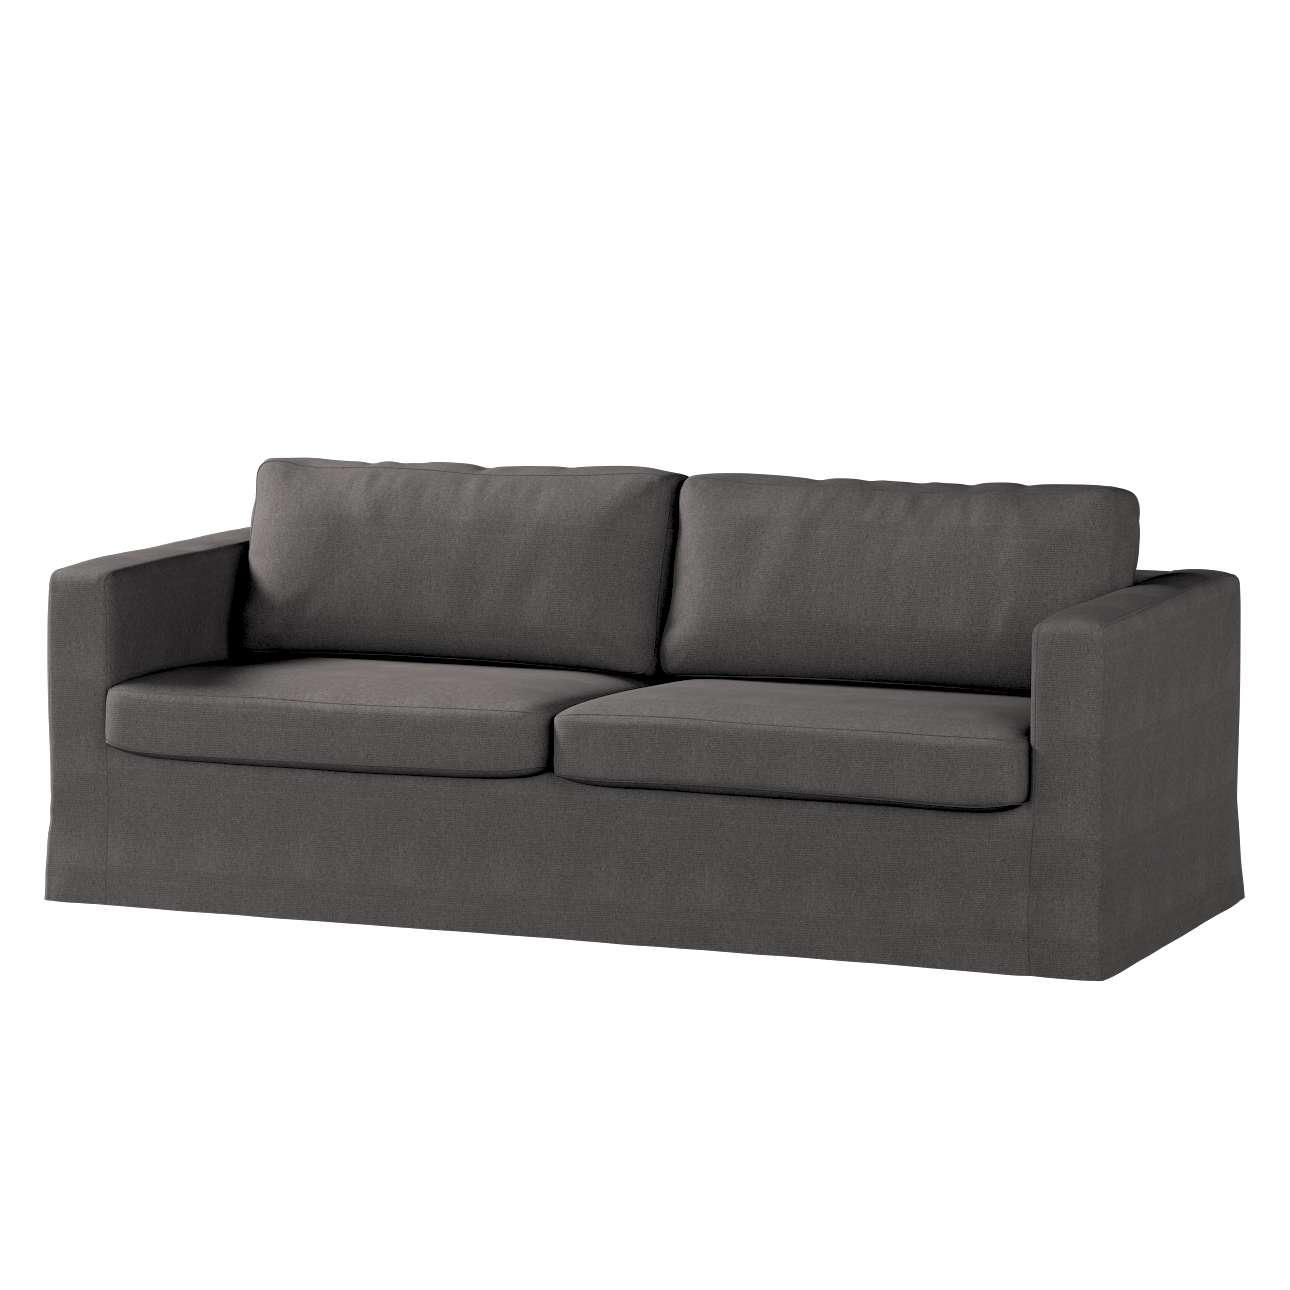 Karlstad 3-Sitzer Sofabezug nicht ausklappbar lang Sofahusse, Karlstad 3-Sitzer von der Kollektion Etna, Stoff: 705-35